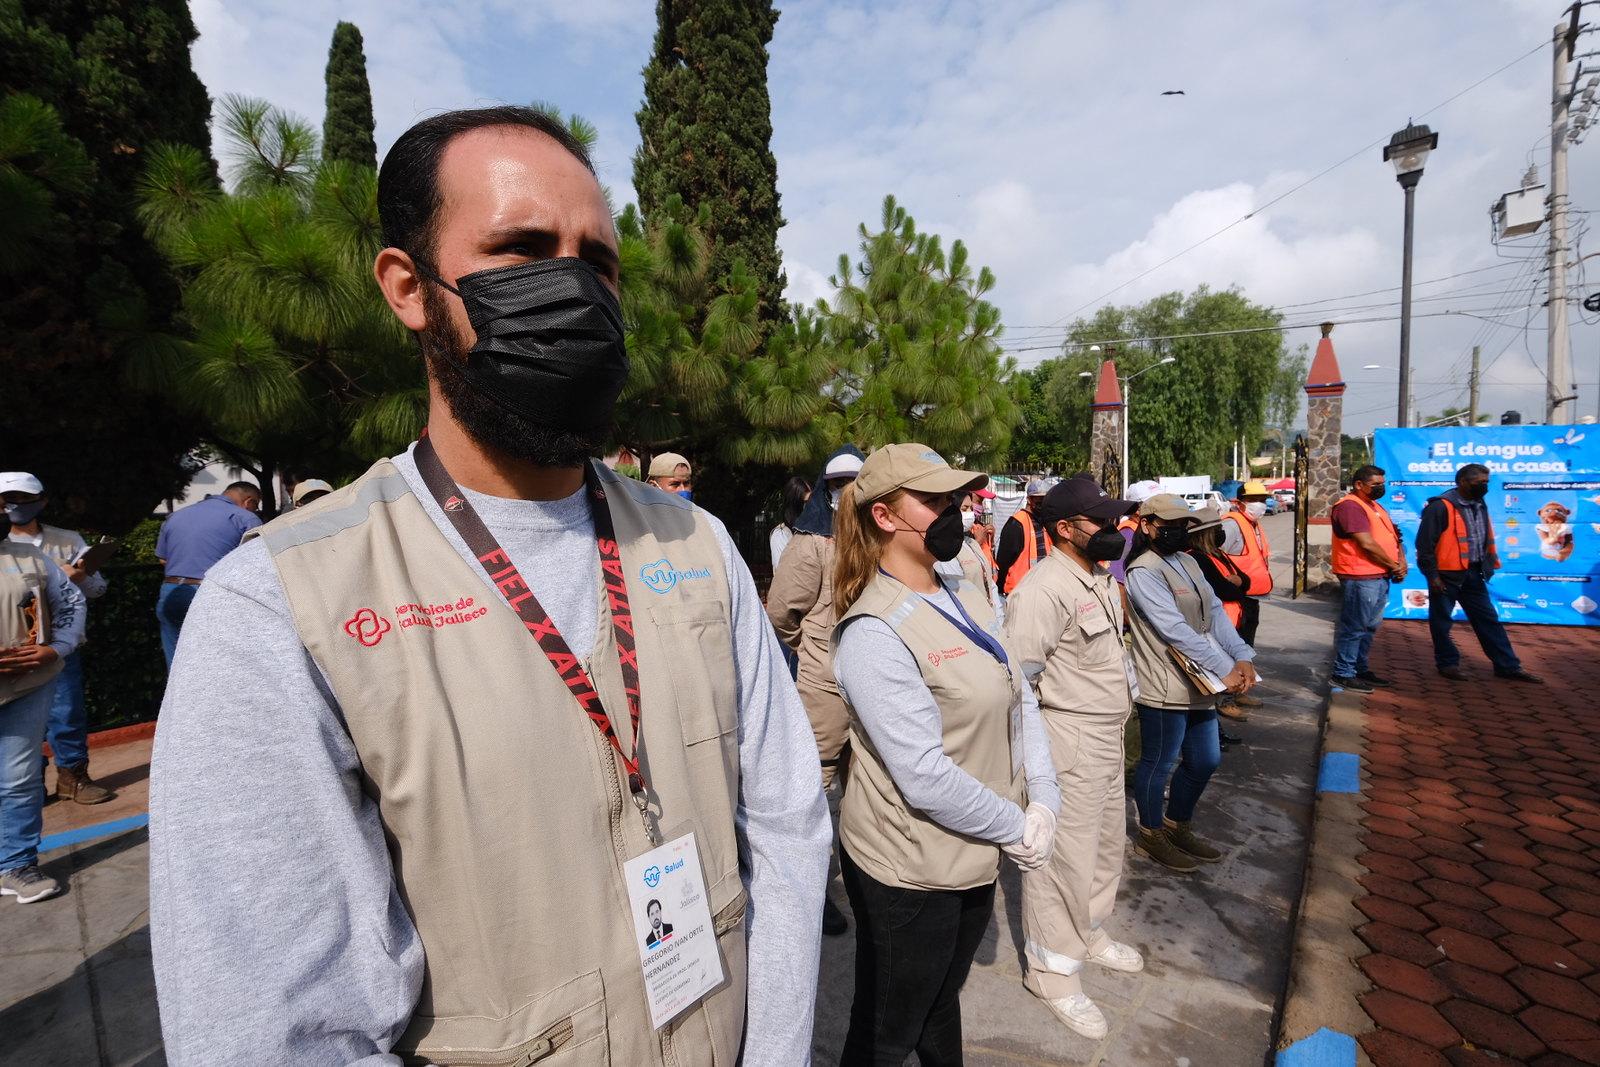 Combaten al mosco transmisor del dengue en San Miguel Cuyutlán, Tlajomulco